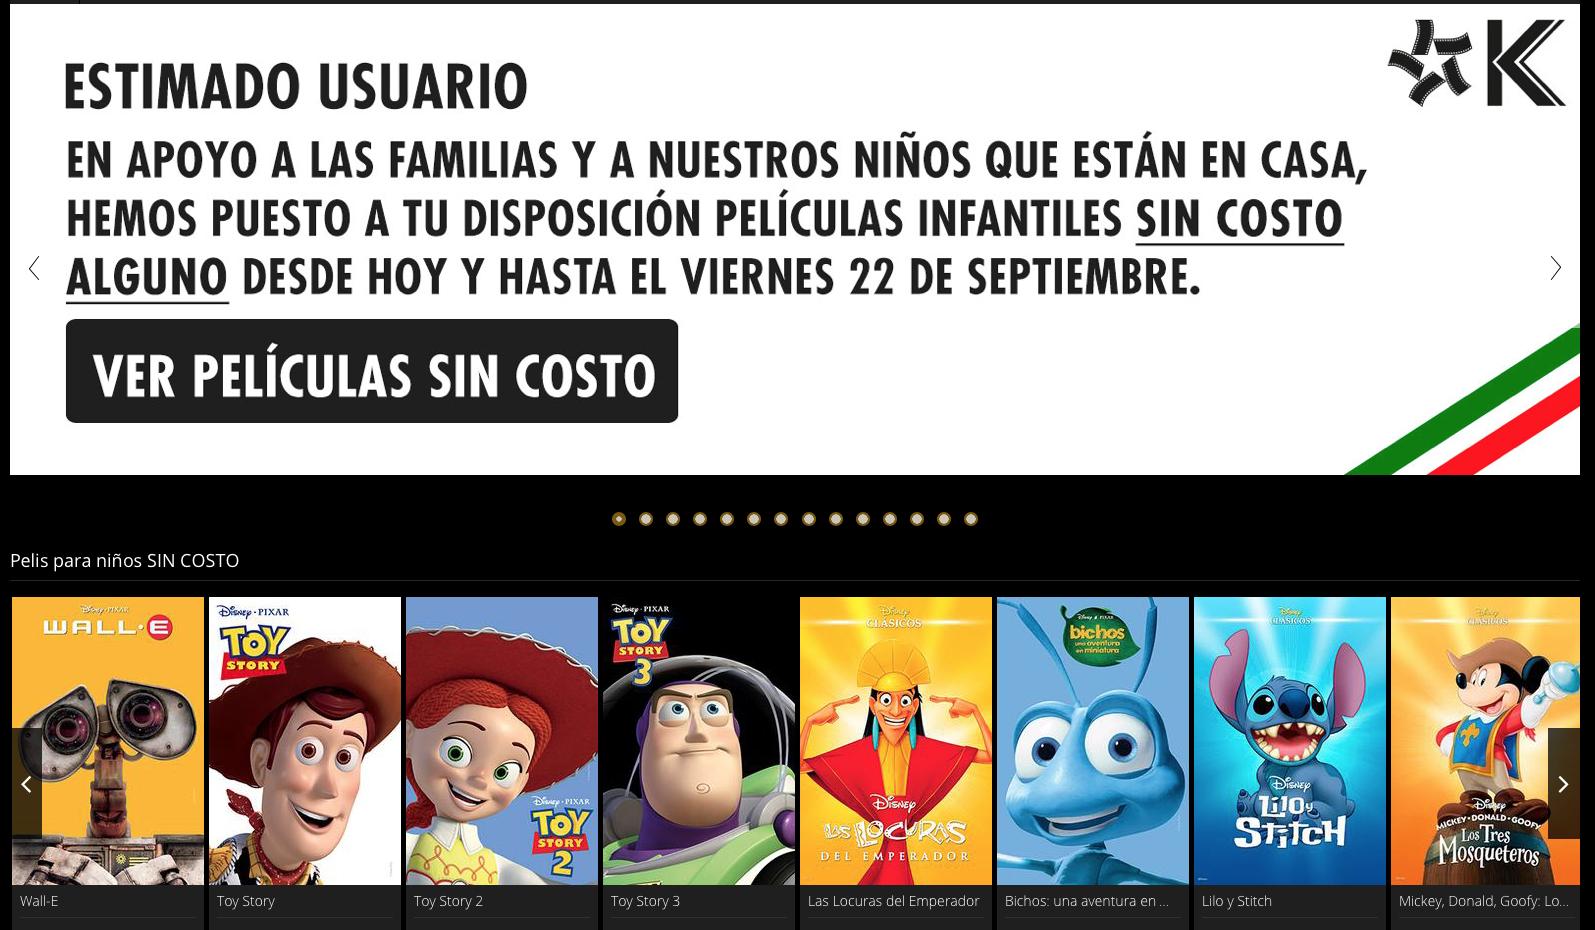 Cinépolis Klic: ofrece películas gratis para los niños tras el sismo